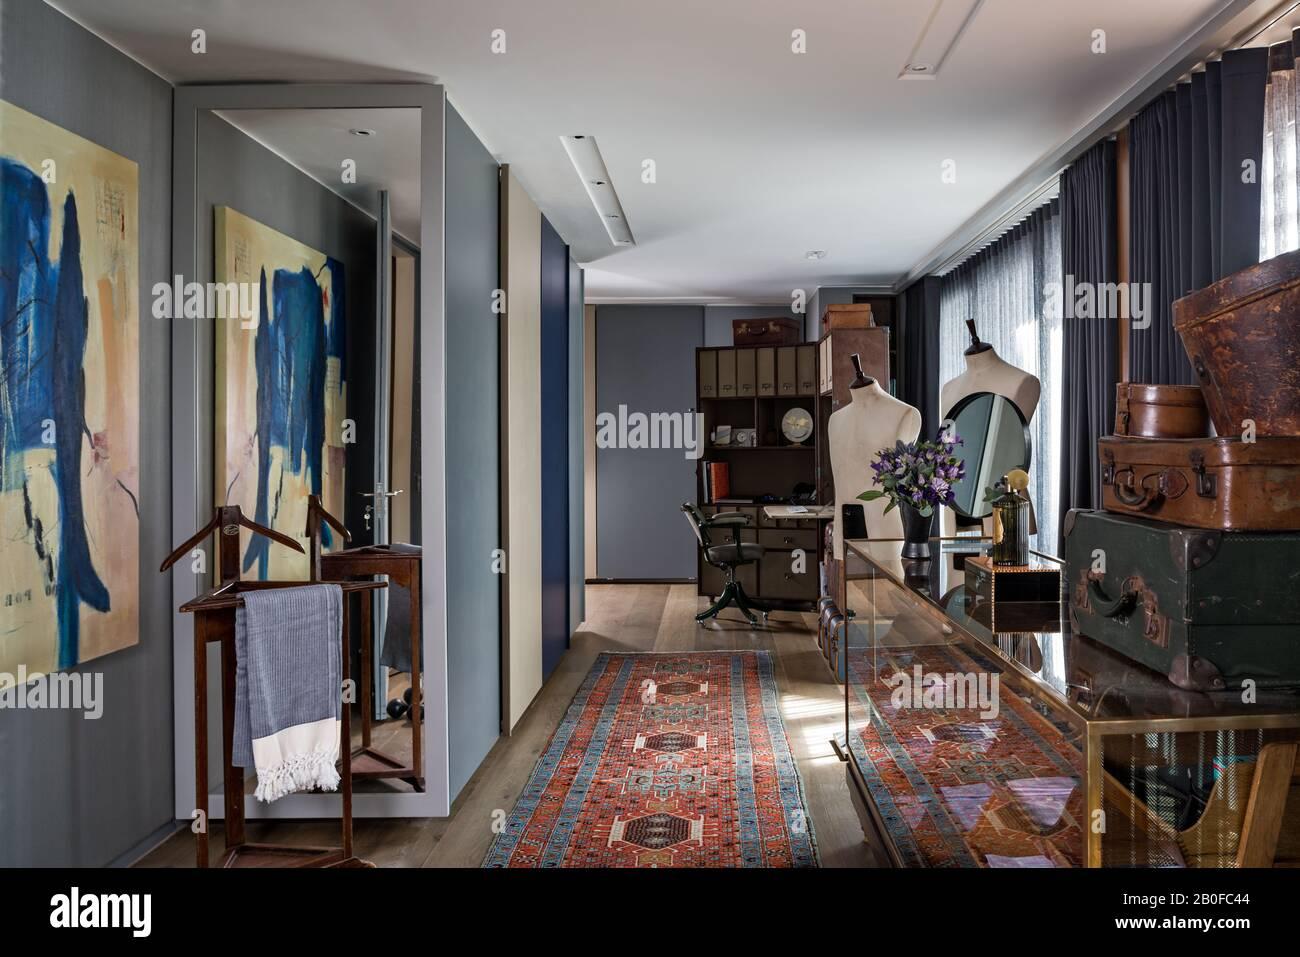 Valises anciennes sur l'armoire d'affichage avec presse à pantalons et mannequins mâles dans l'appartement moderne de West London. Banque D'Images